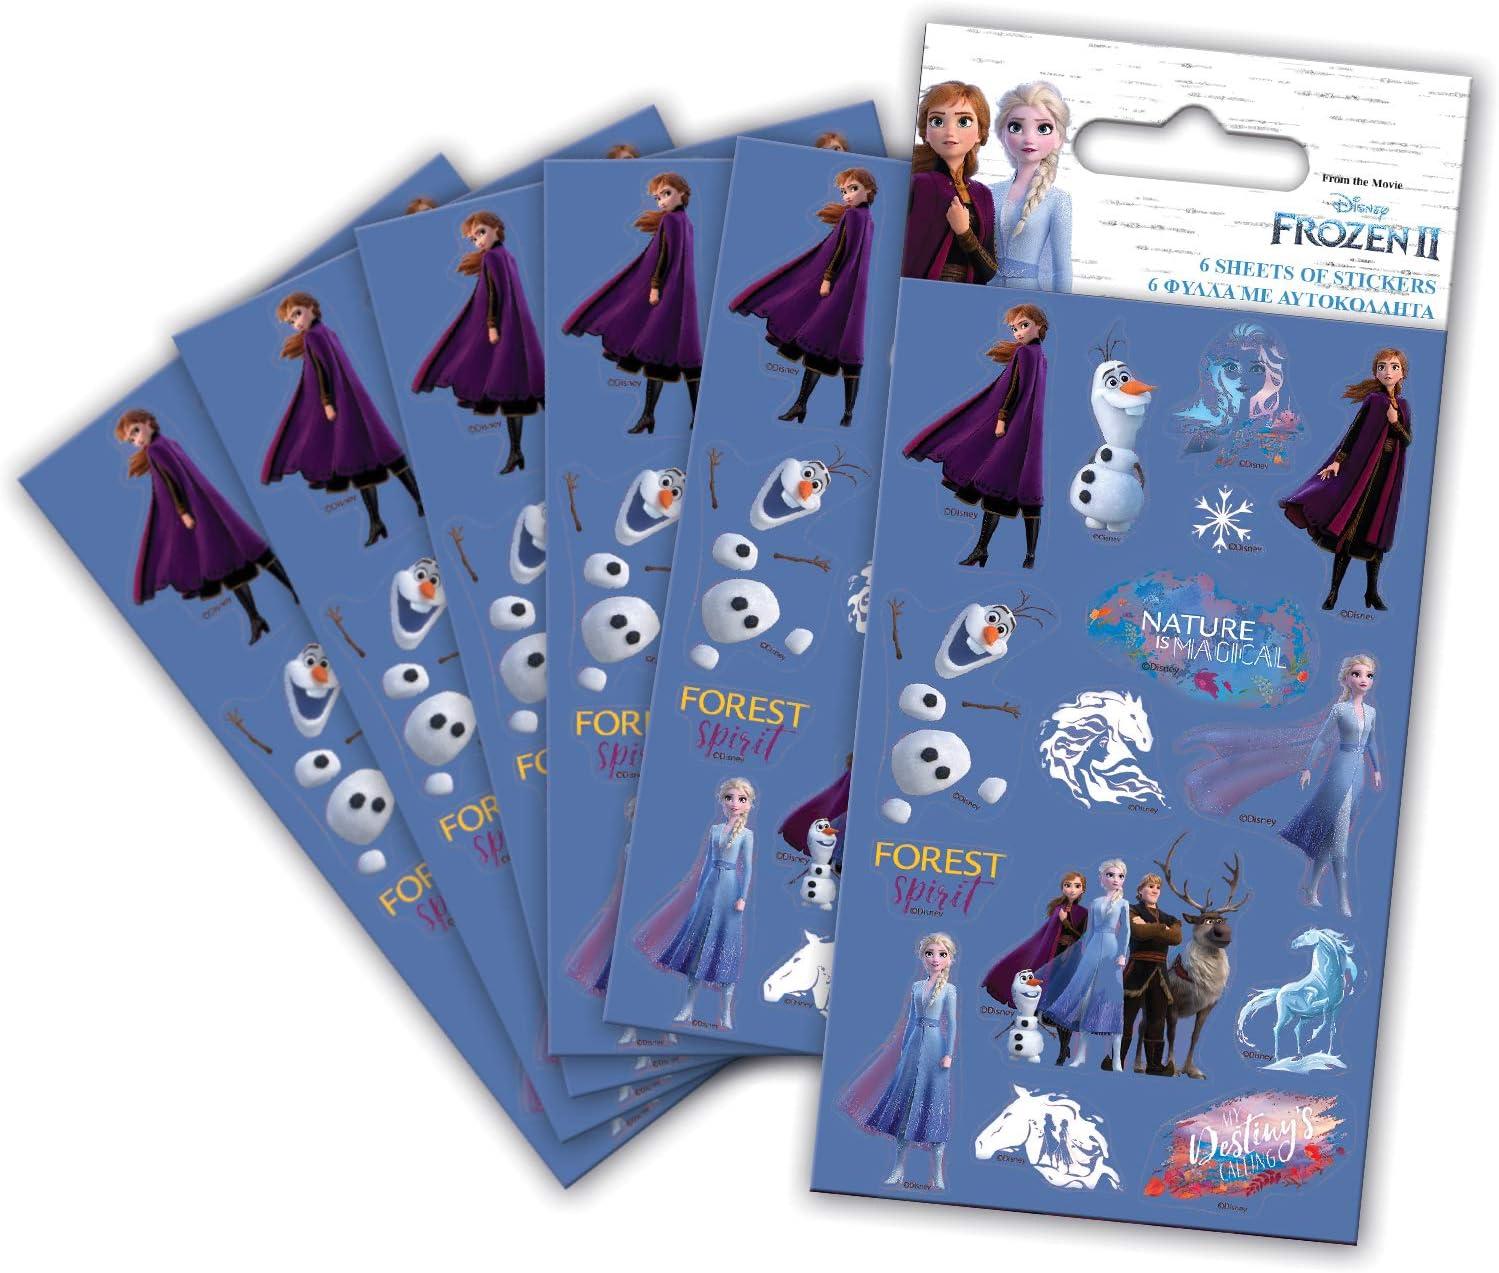 Paper Projects 9124394 Frozen - Pegatinas para fiestas (6 hojas), diseño de Frozen